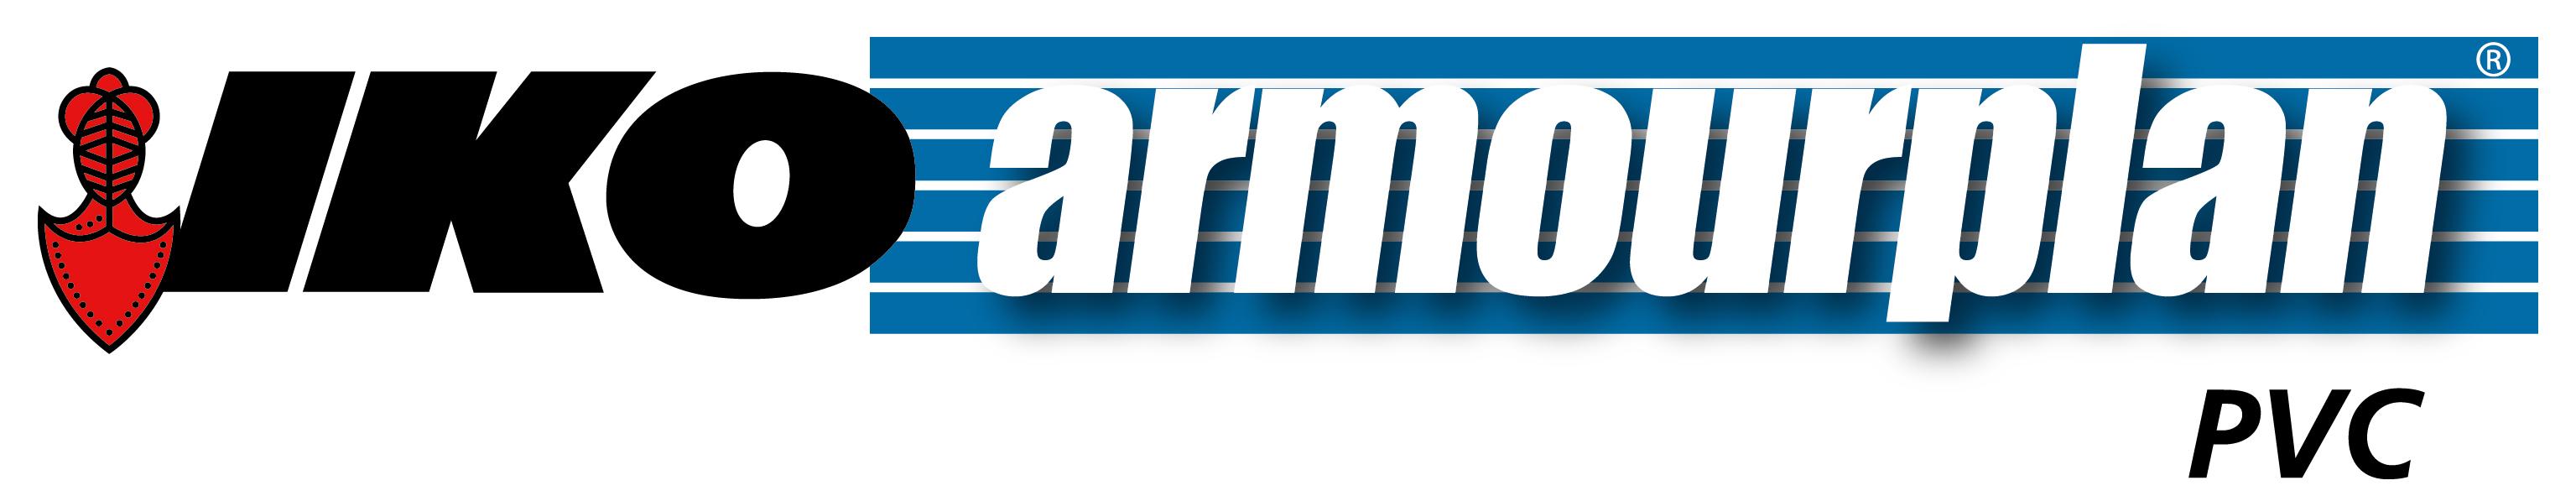 armourplan_pvc_membrane_logo